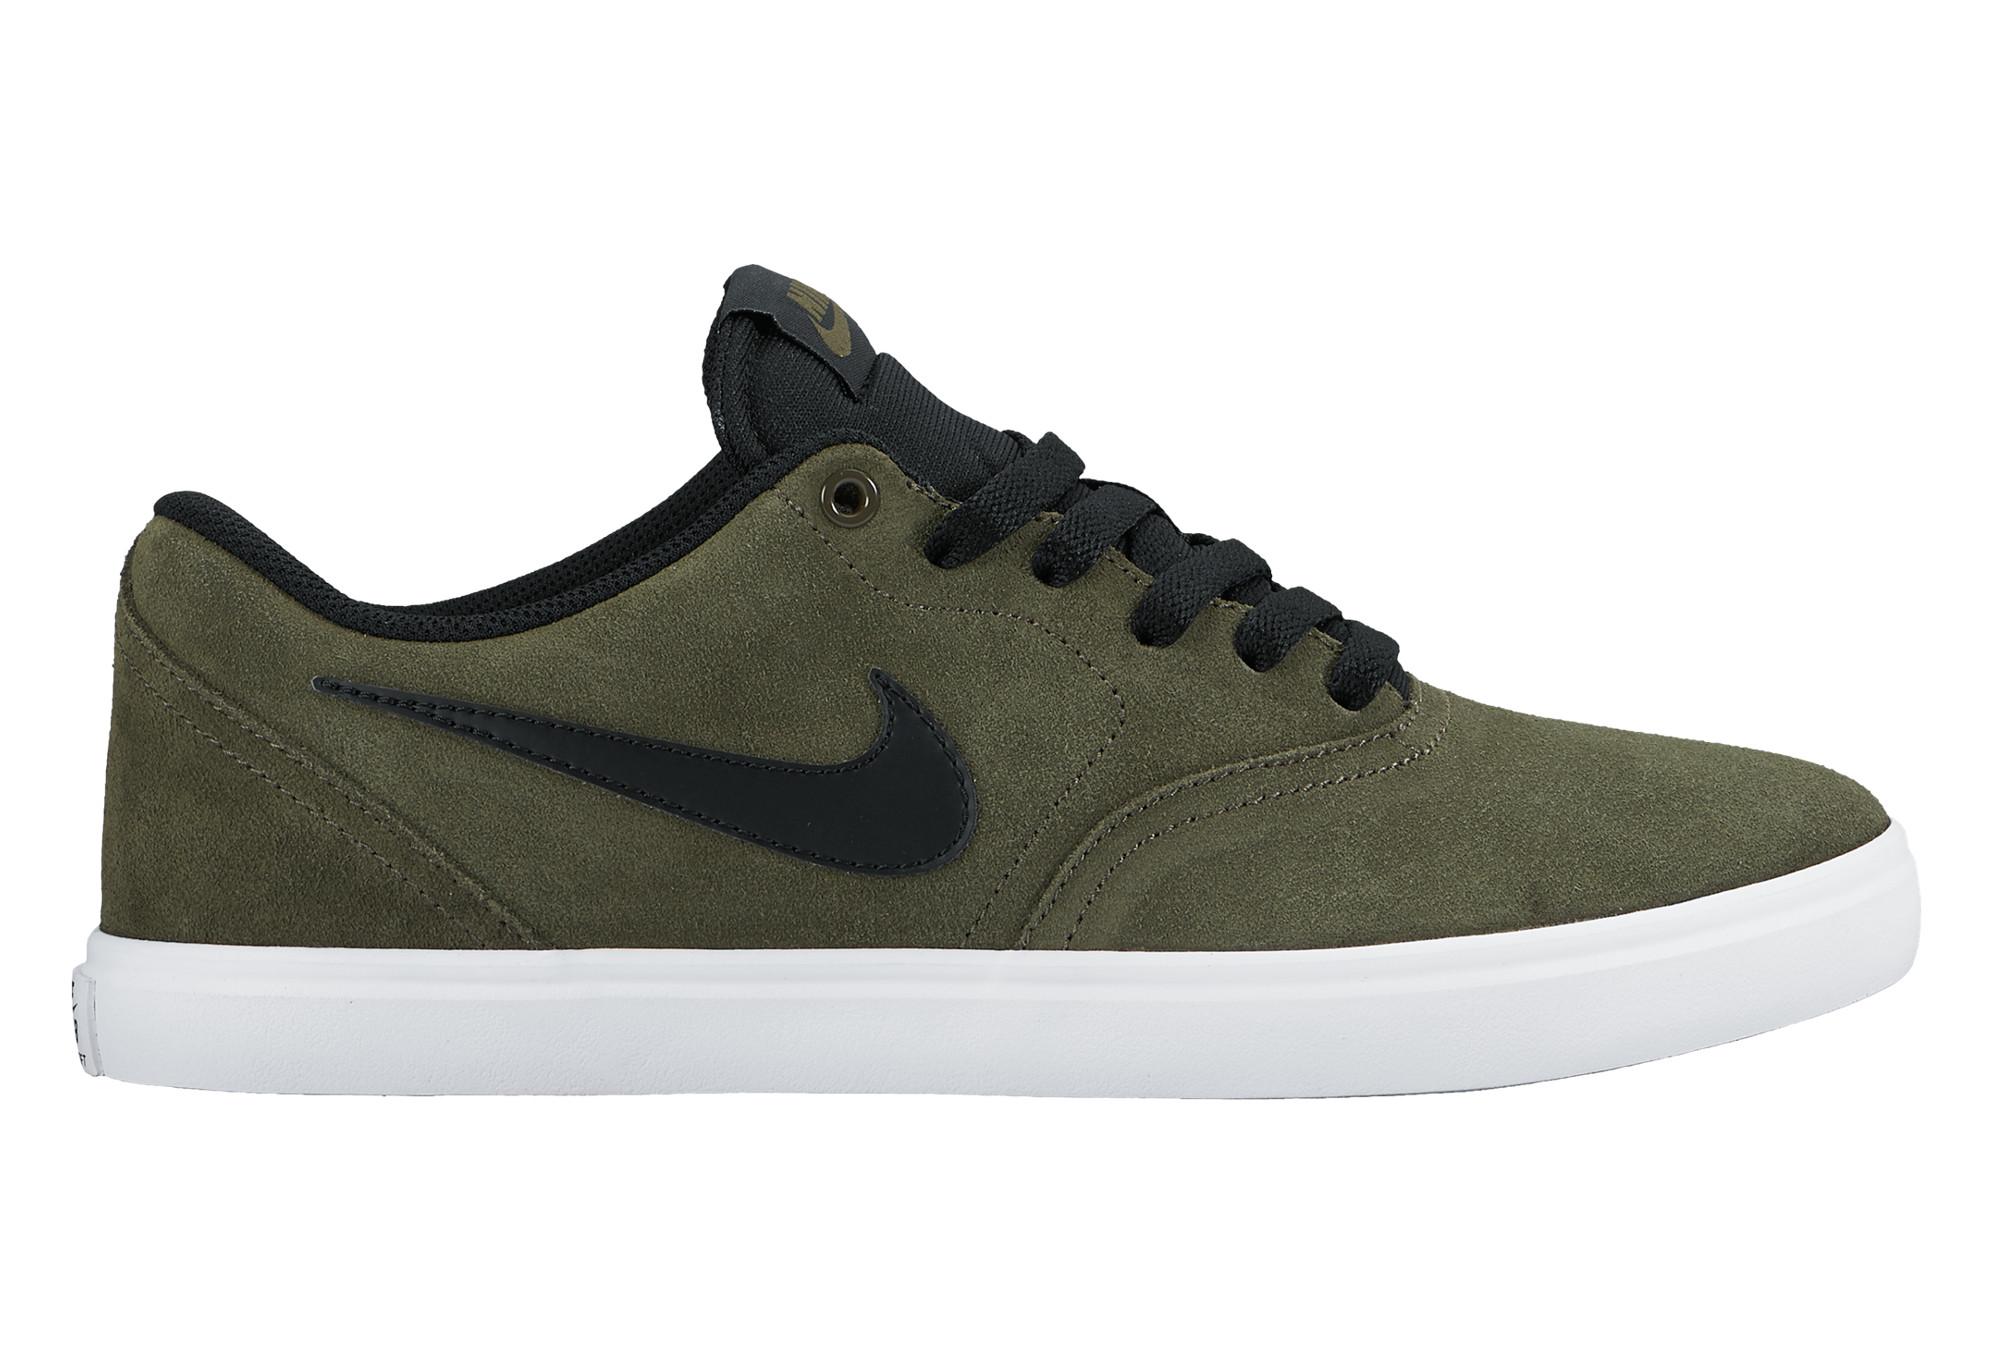 Nike Sb Shoes For Mtb